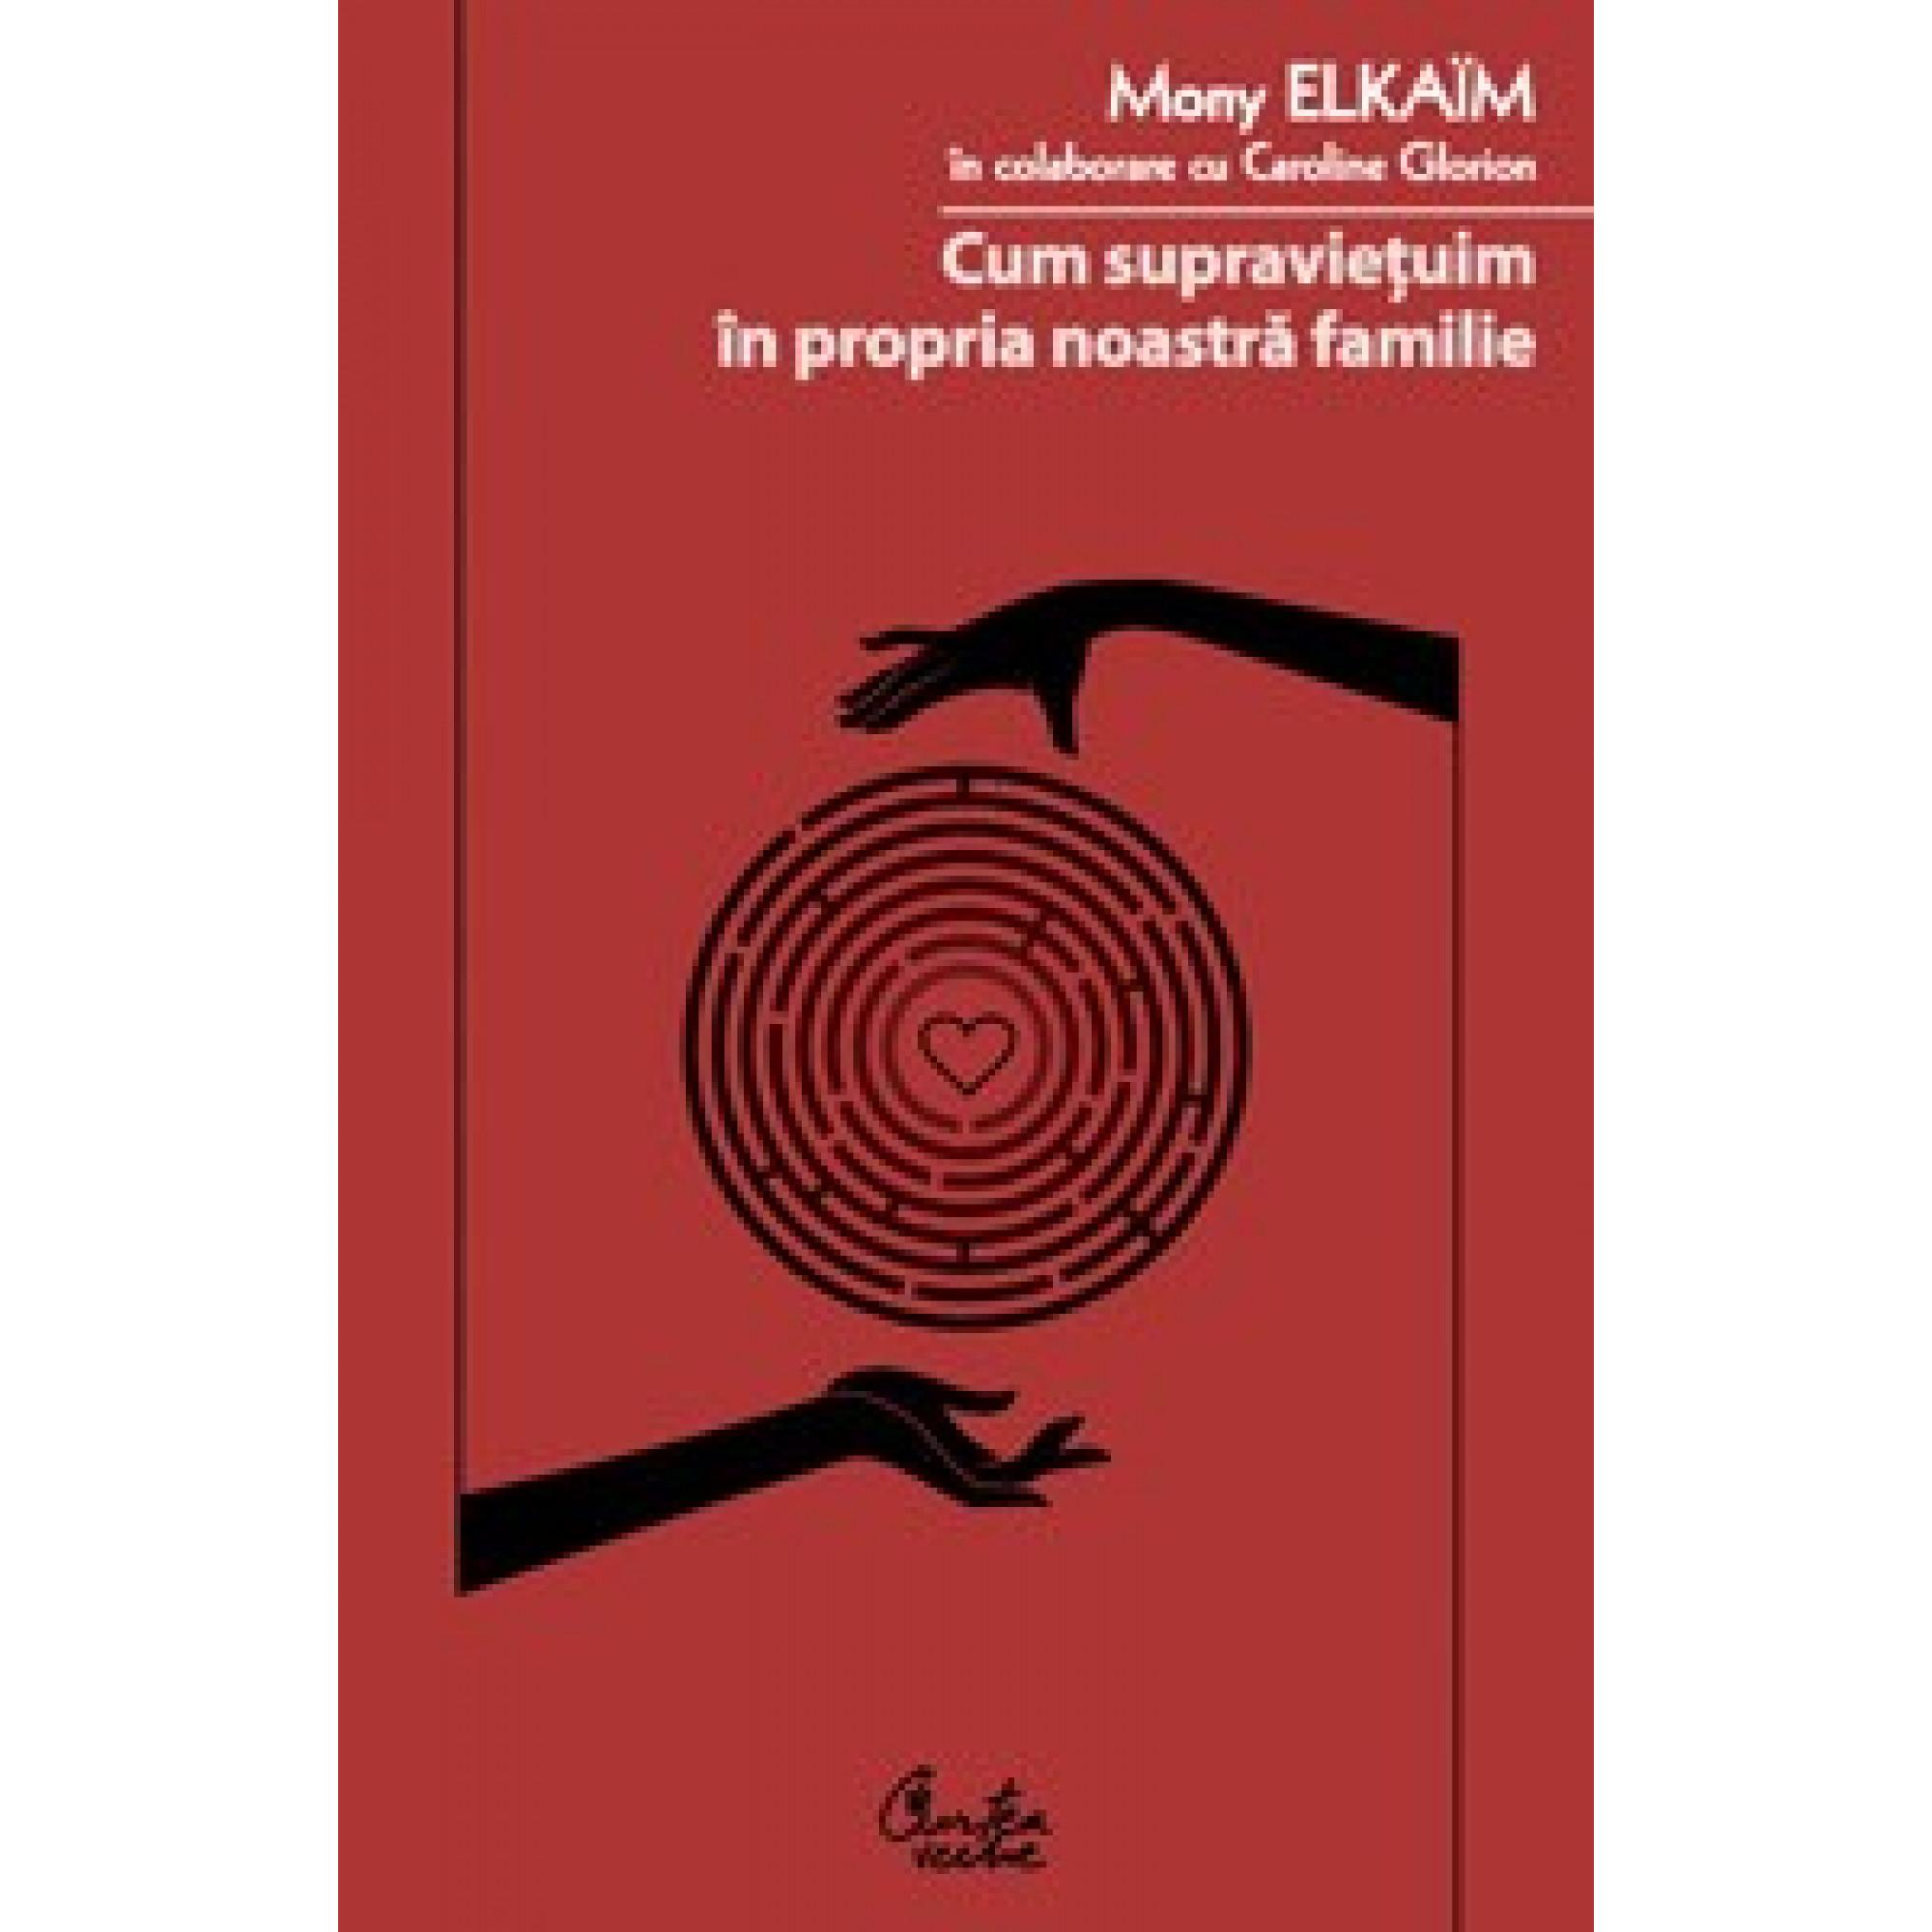 Cum supravieţuim în propria noastră familie; Mony Elkaïm, Caroline Glorion